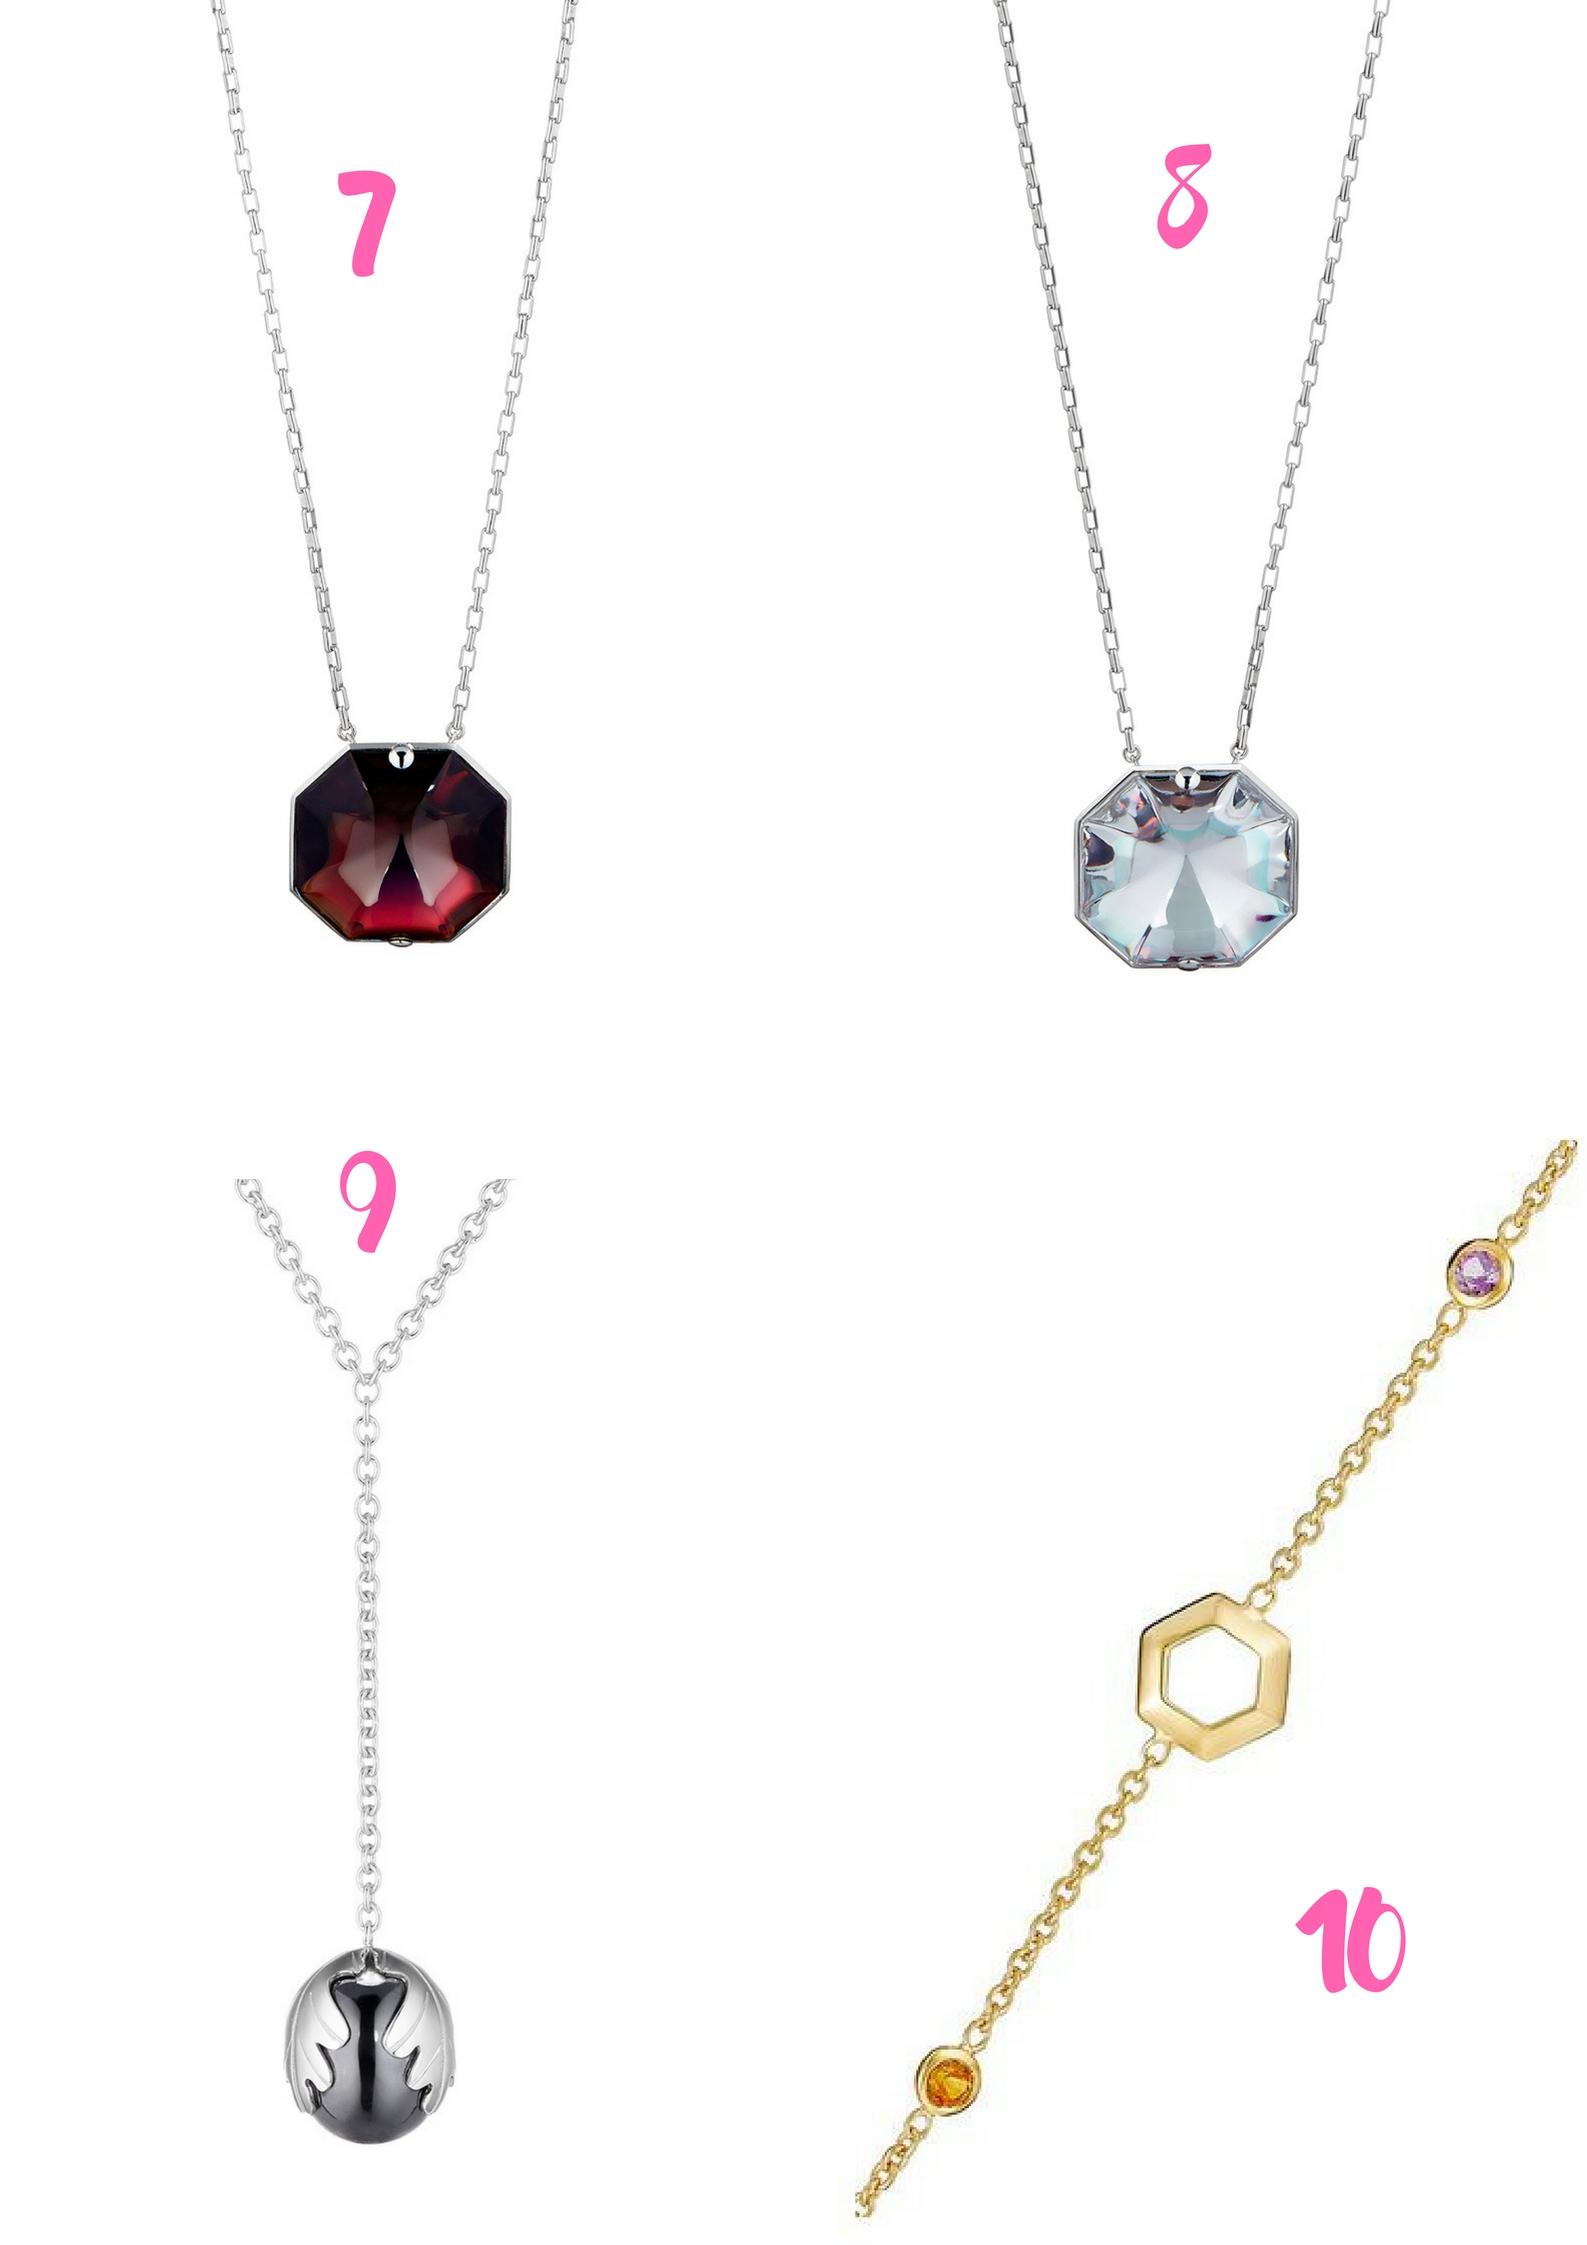 baccarat showroomprive wishlist accessoire bijoux vaisselle vente privée